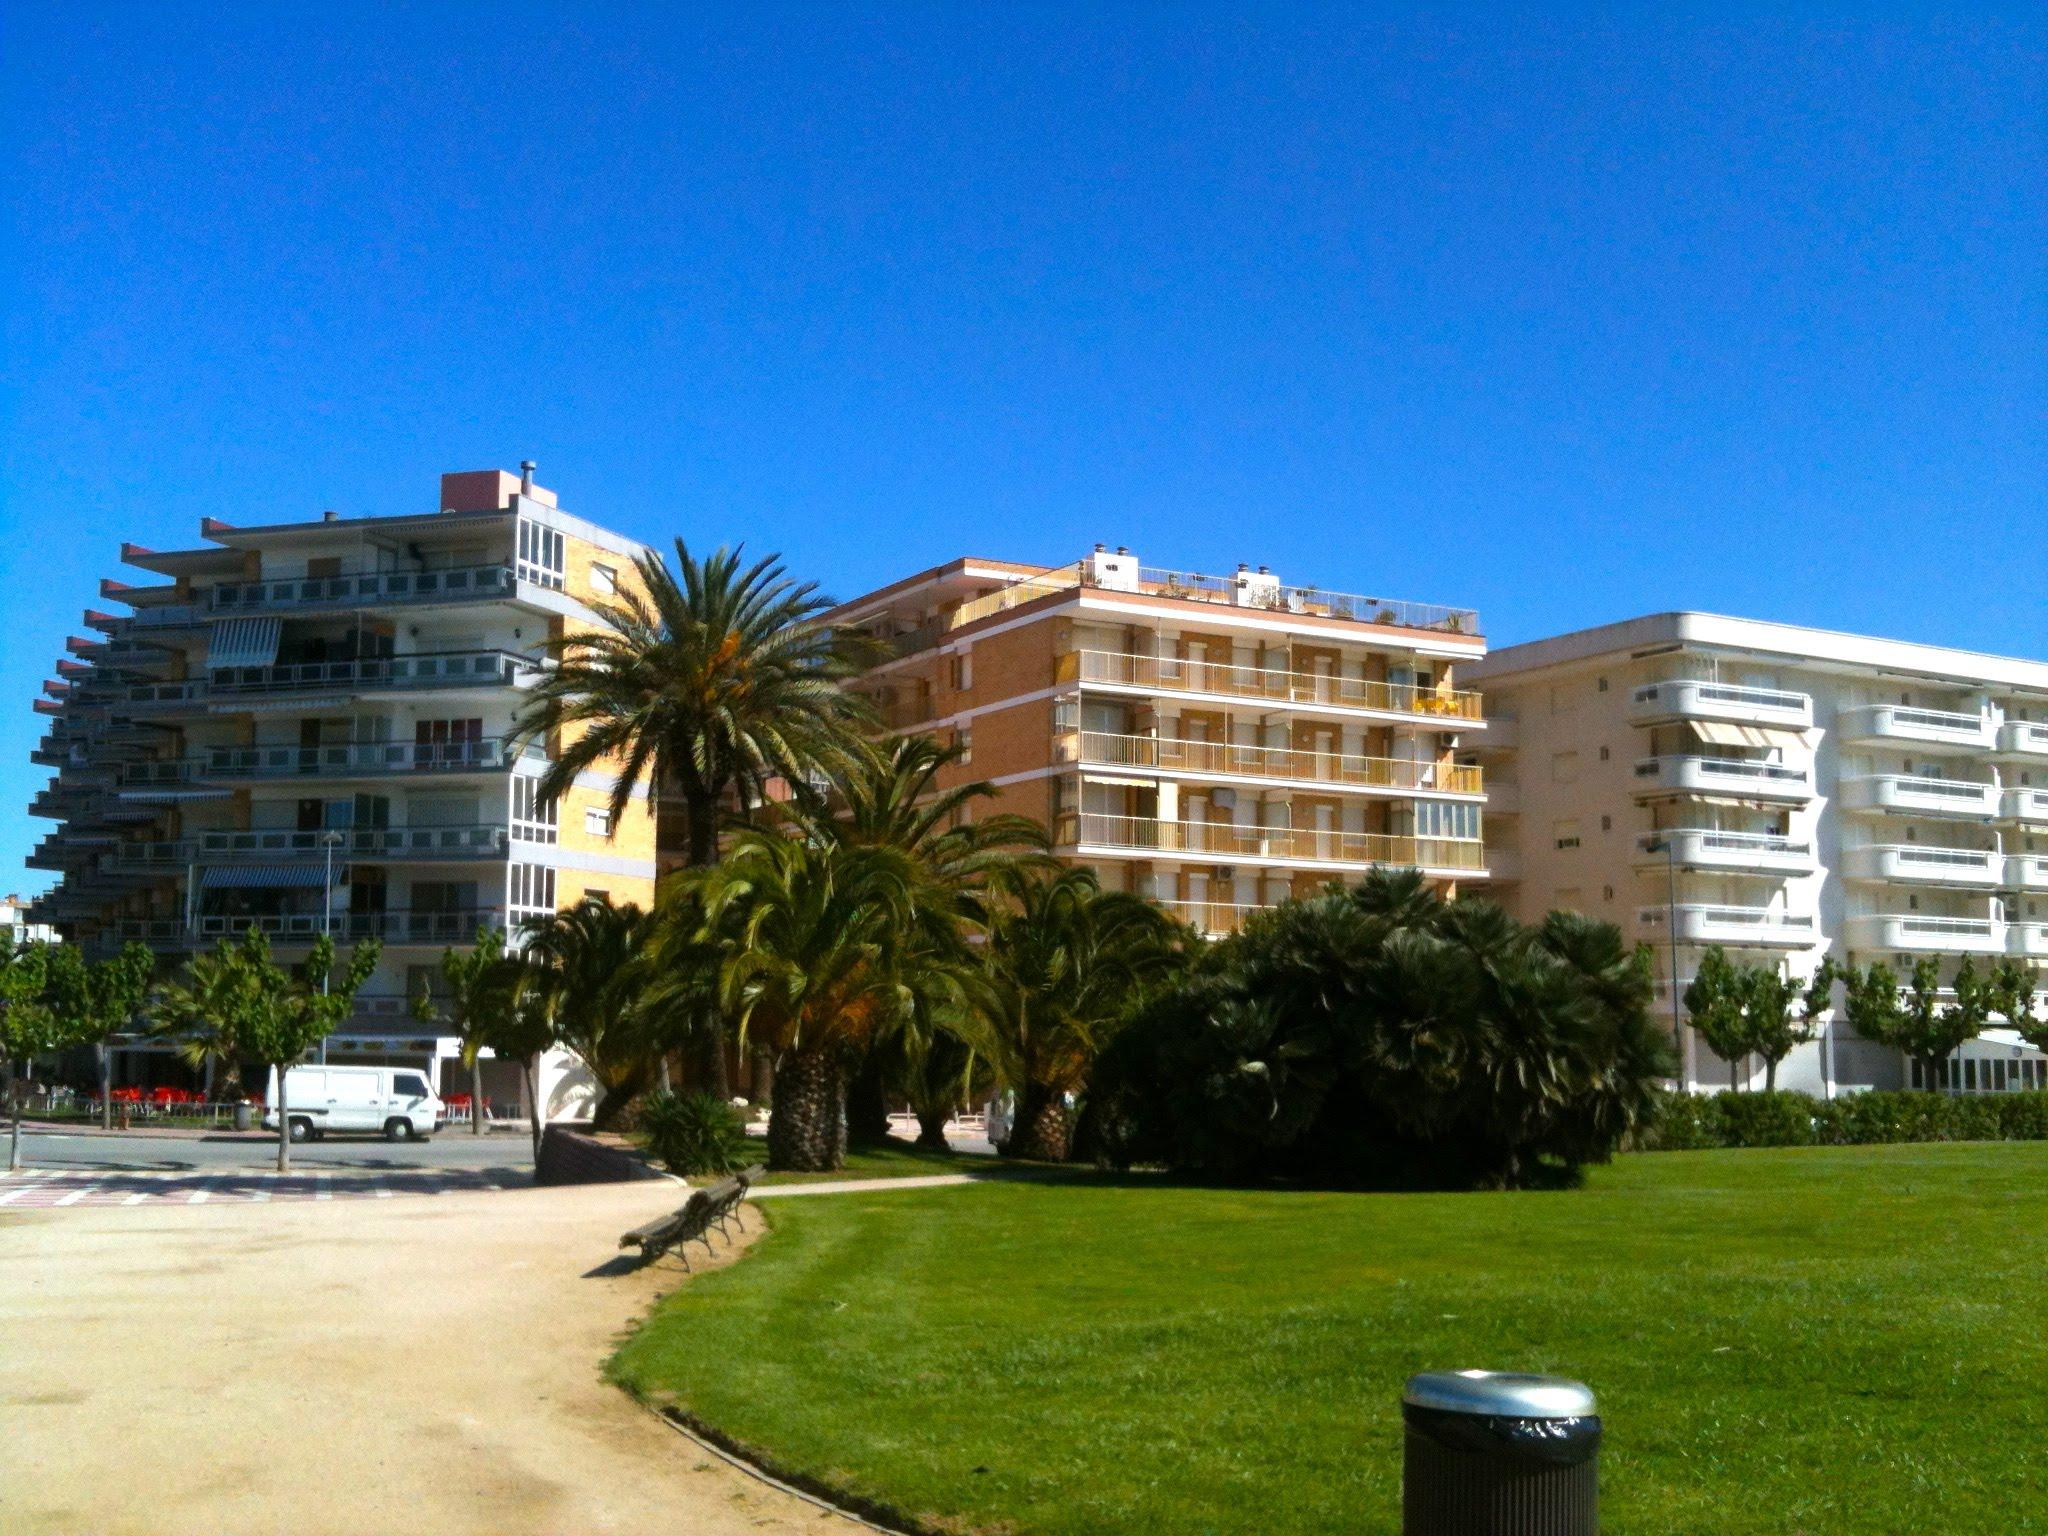 Alquiler Piso  Vila-seca - Vila-seca pueblo. Magnifico apartamento en primerisima linea de mar ,en un espacio